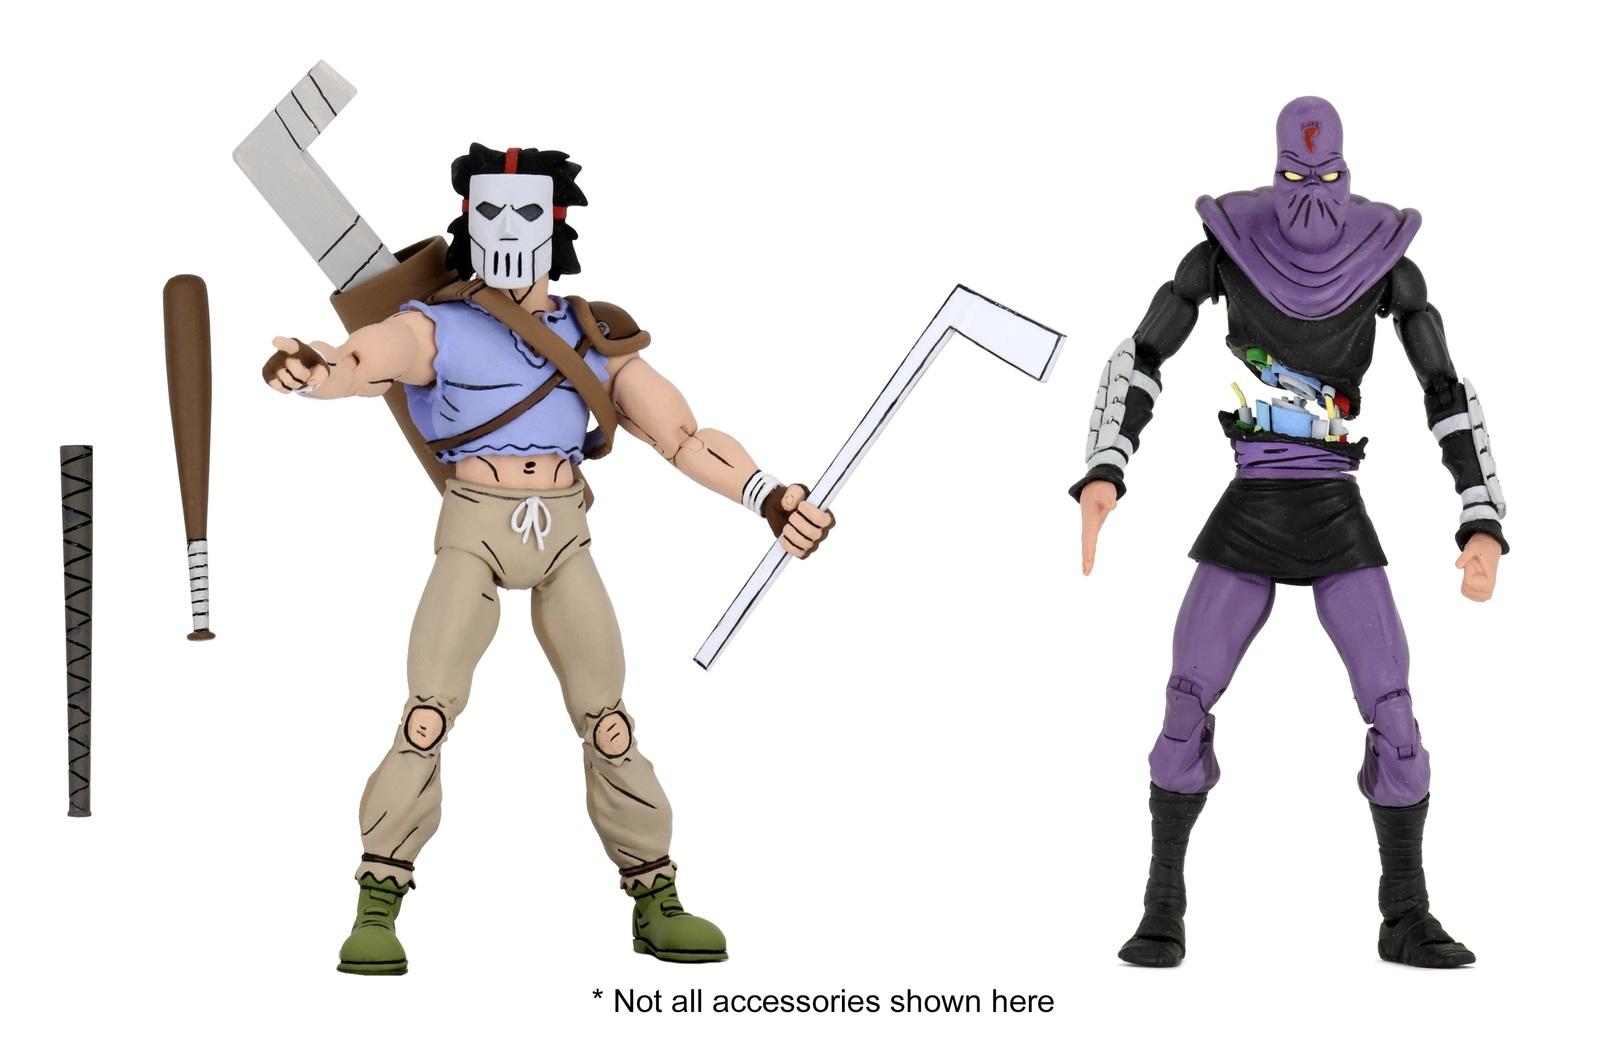 TMNT: Action Figure 2-Pack - Casey Jones & Foot Soldier image